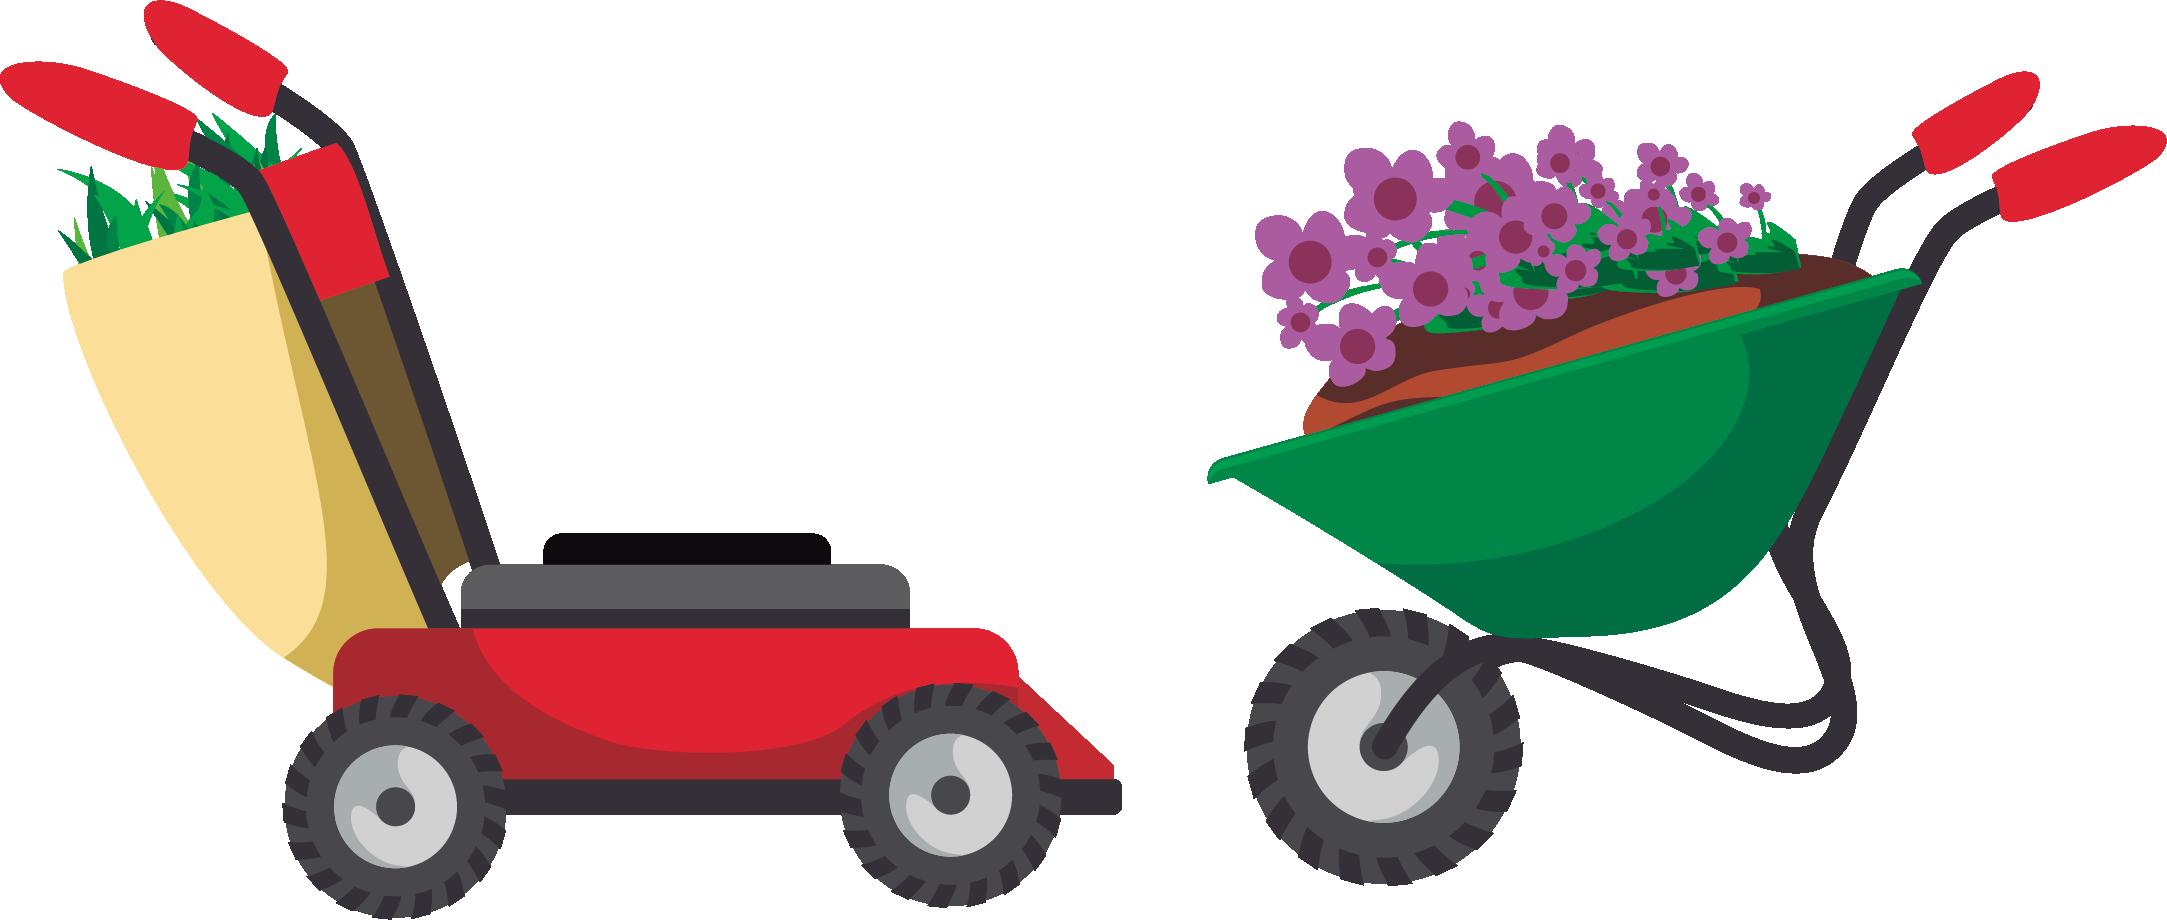 Gardening garden tool cartoon. Donut clipart cart